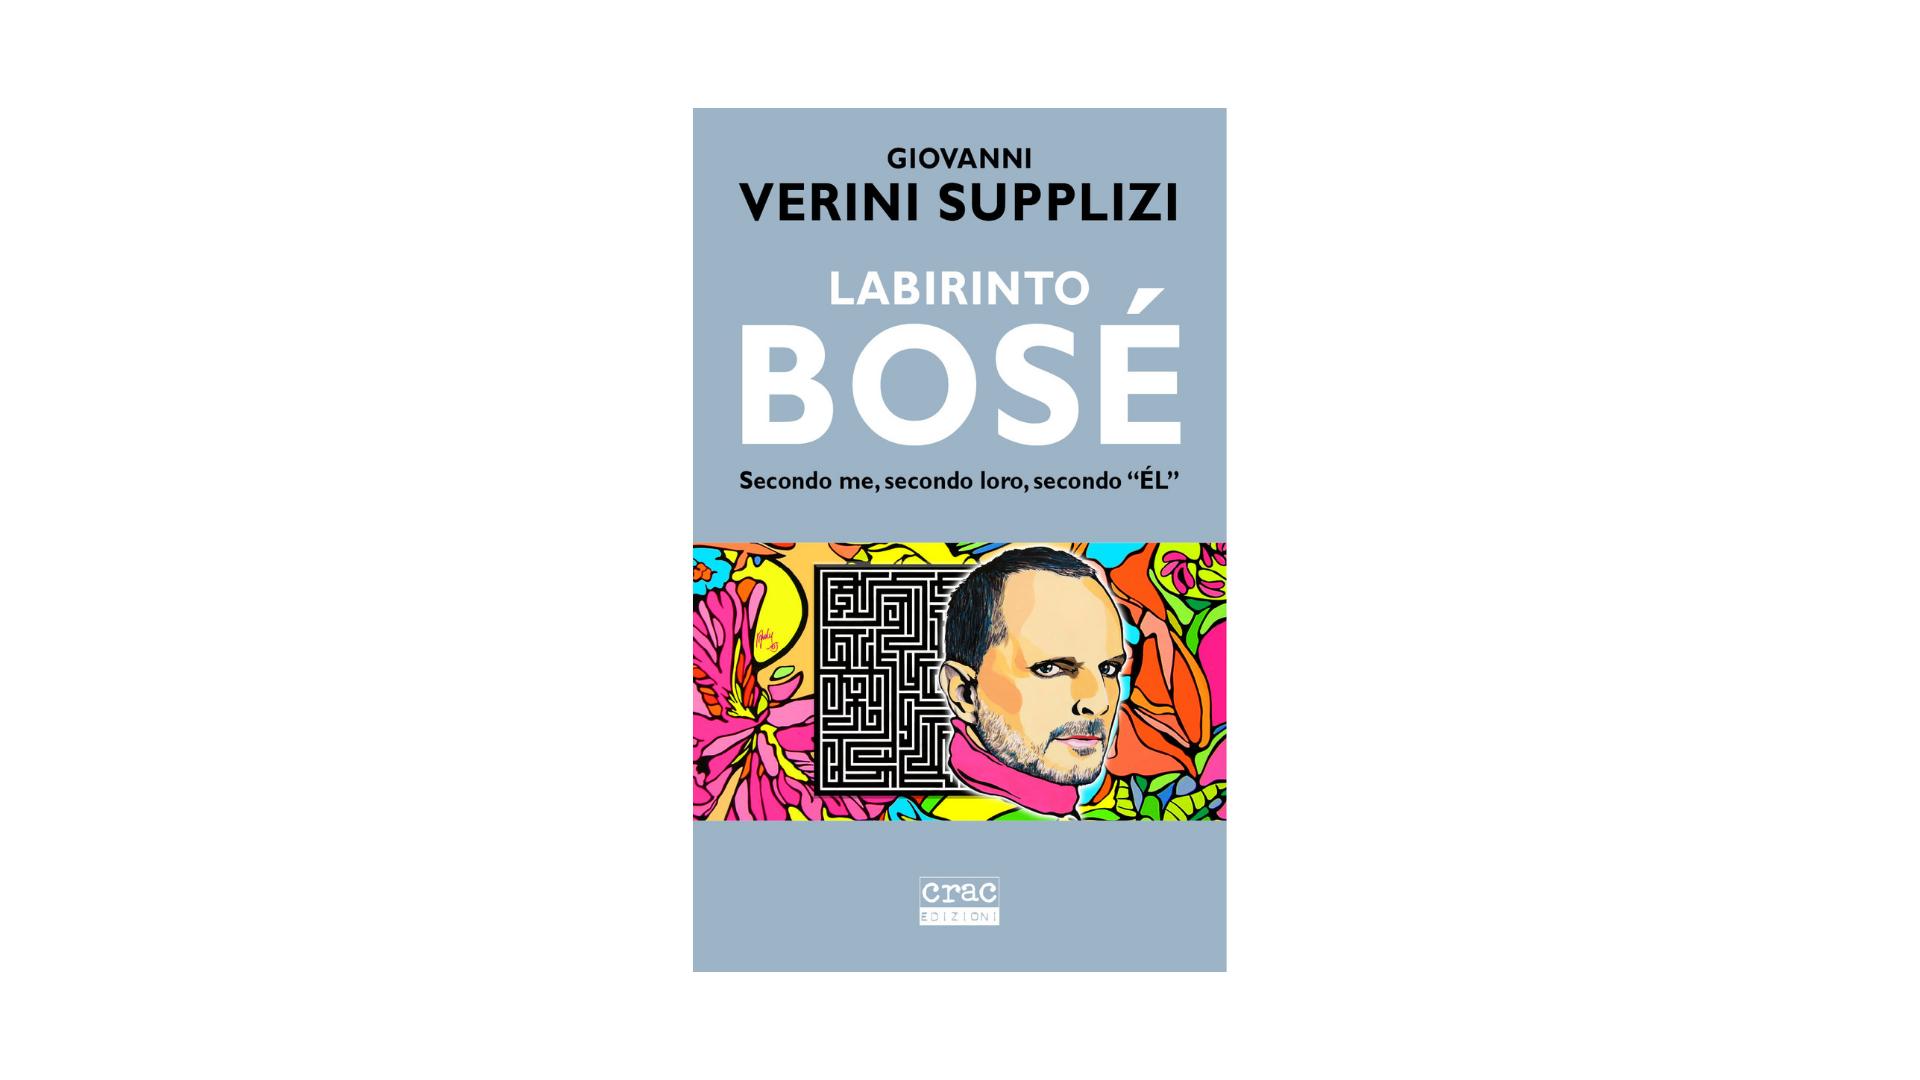 """Giovanni Verini Supplizi, """"Labirinto Bosè"""""""